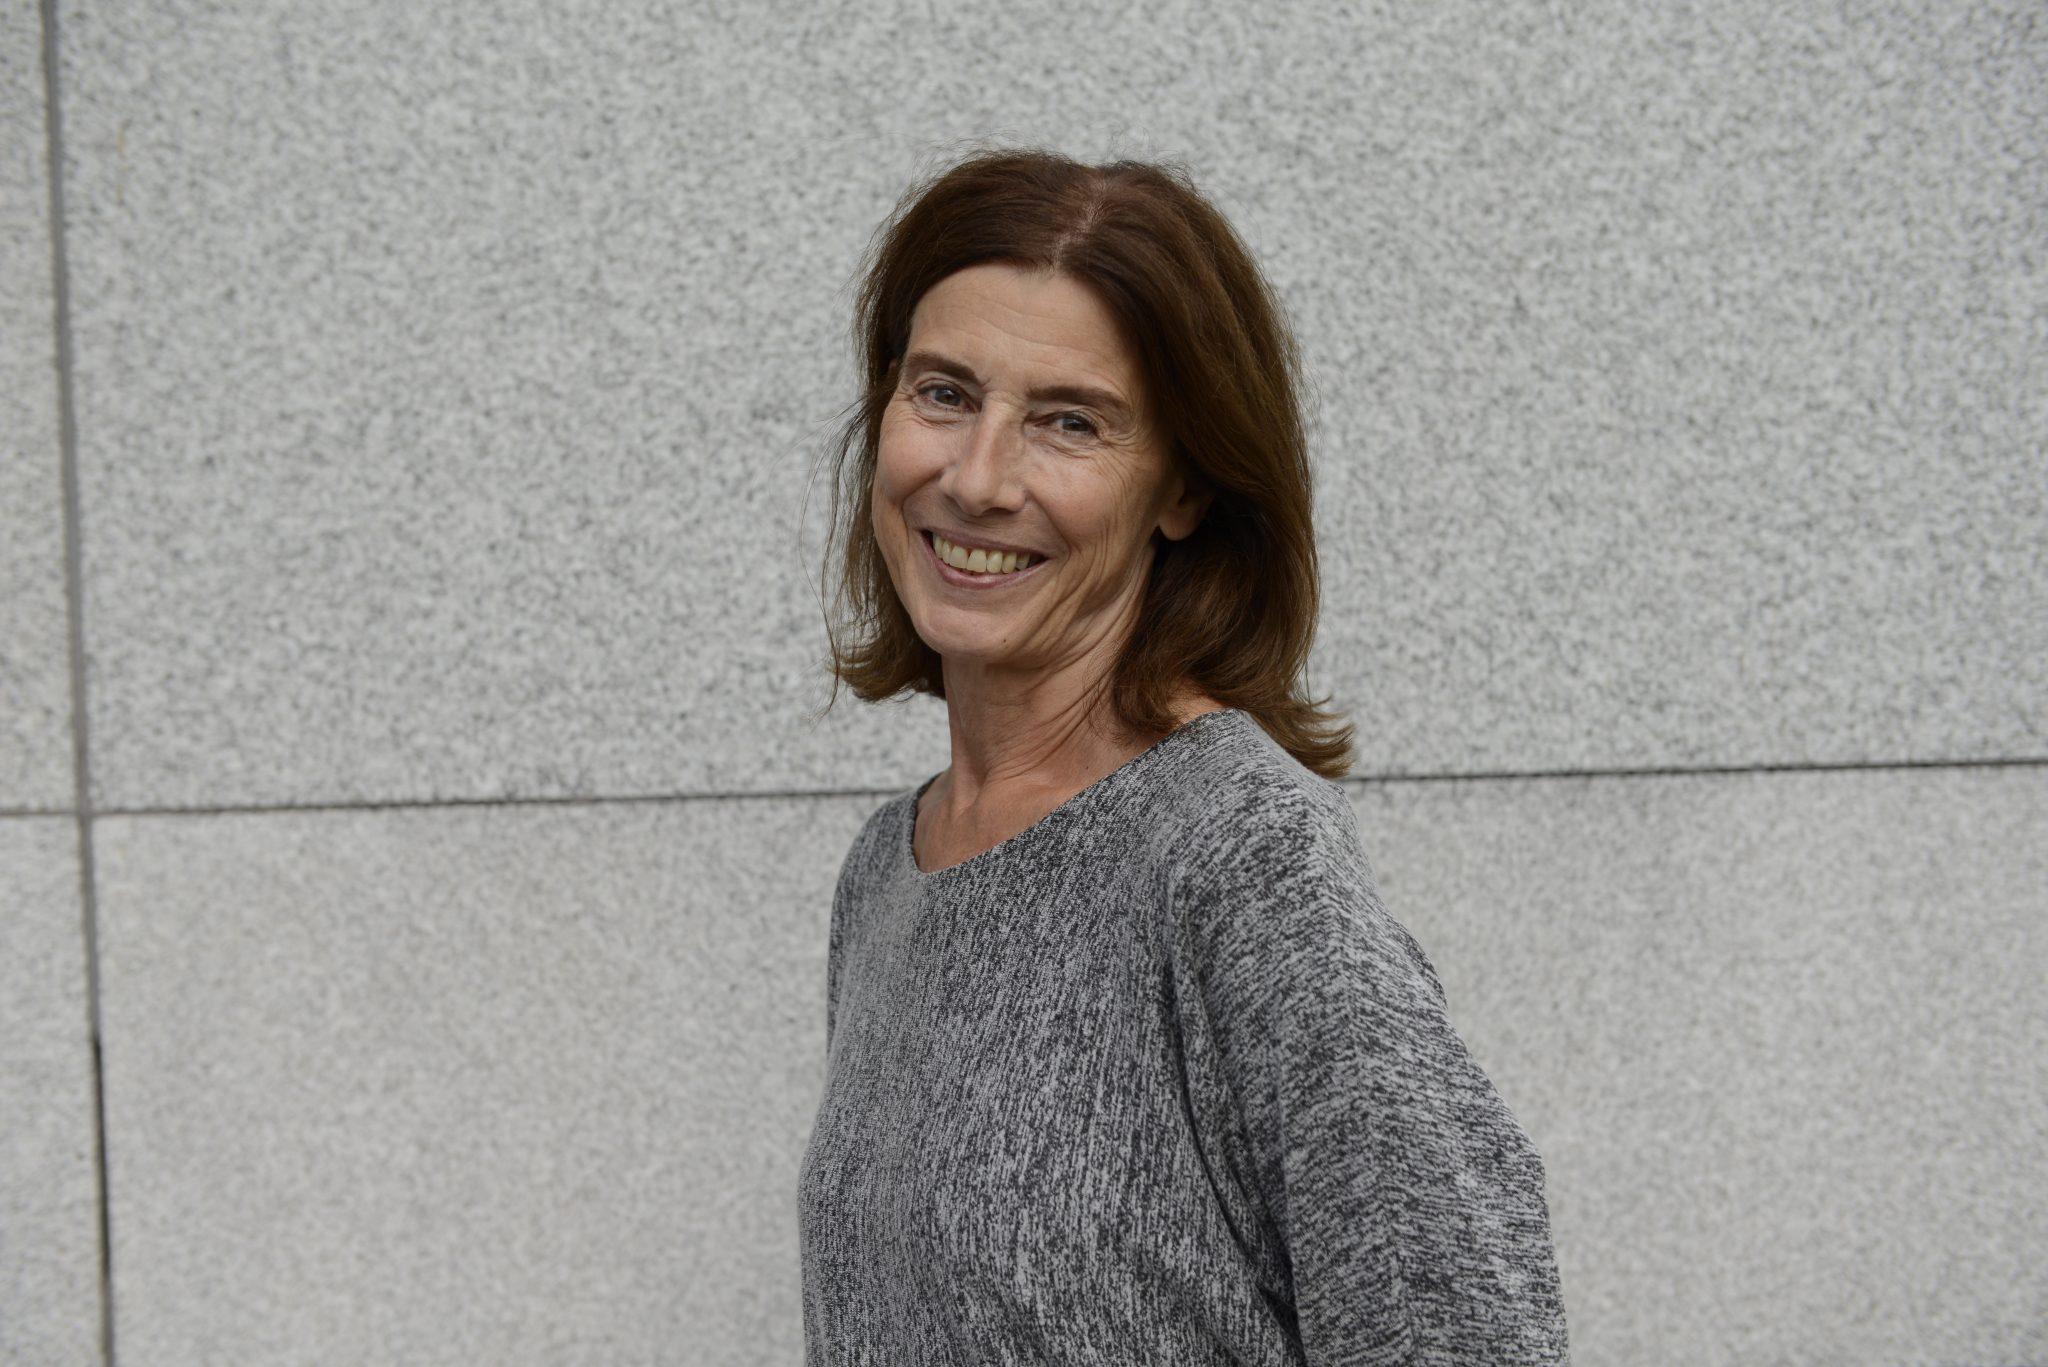 Suzanne Glansborg